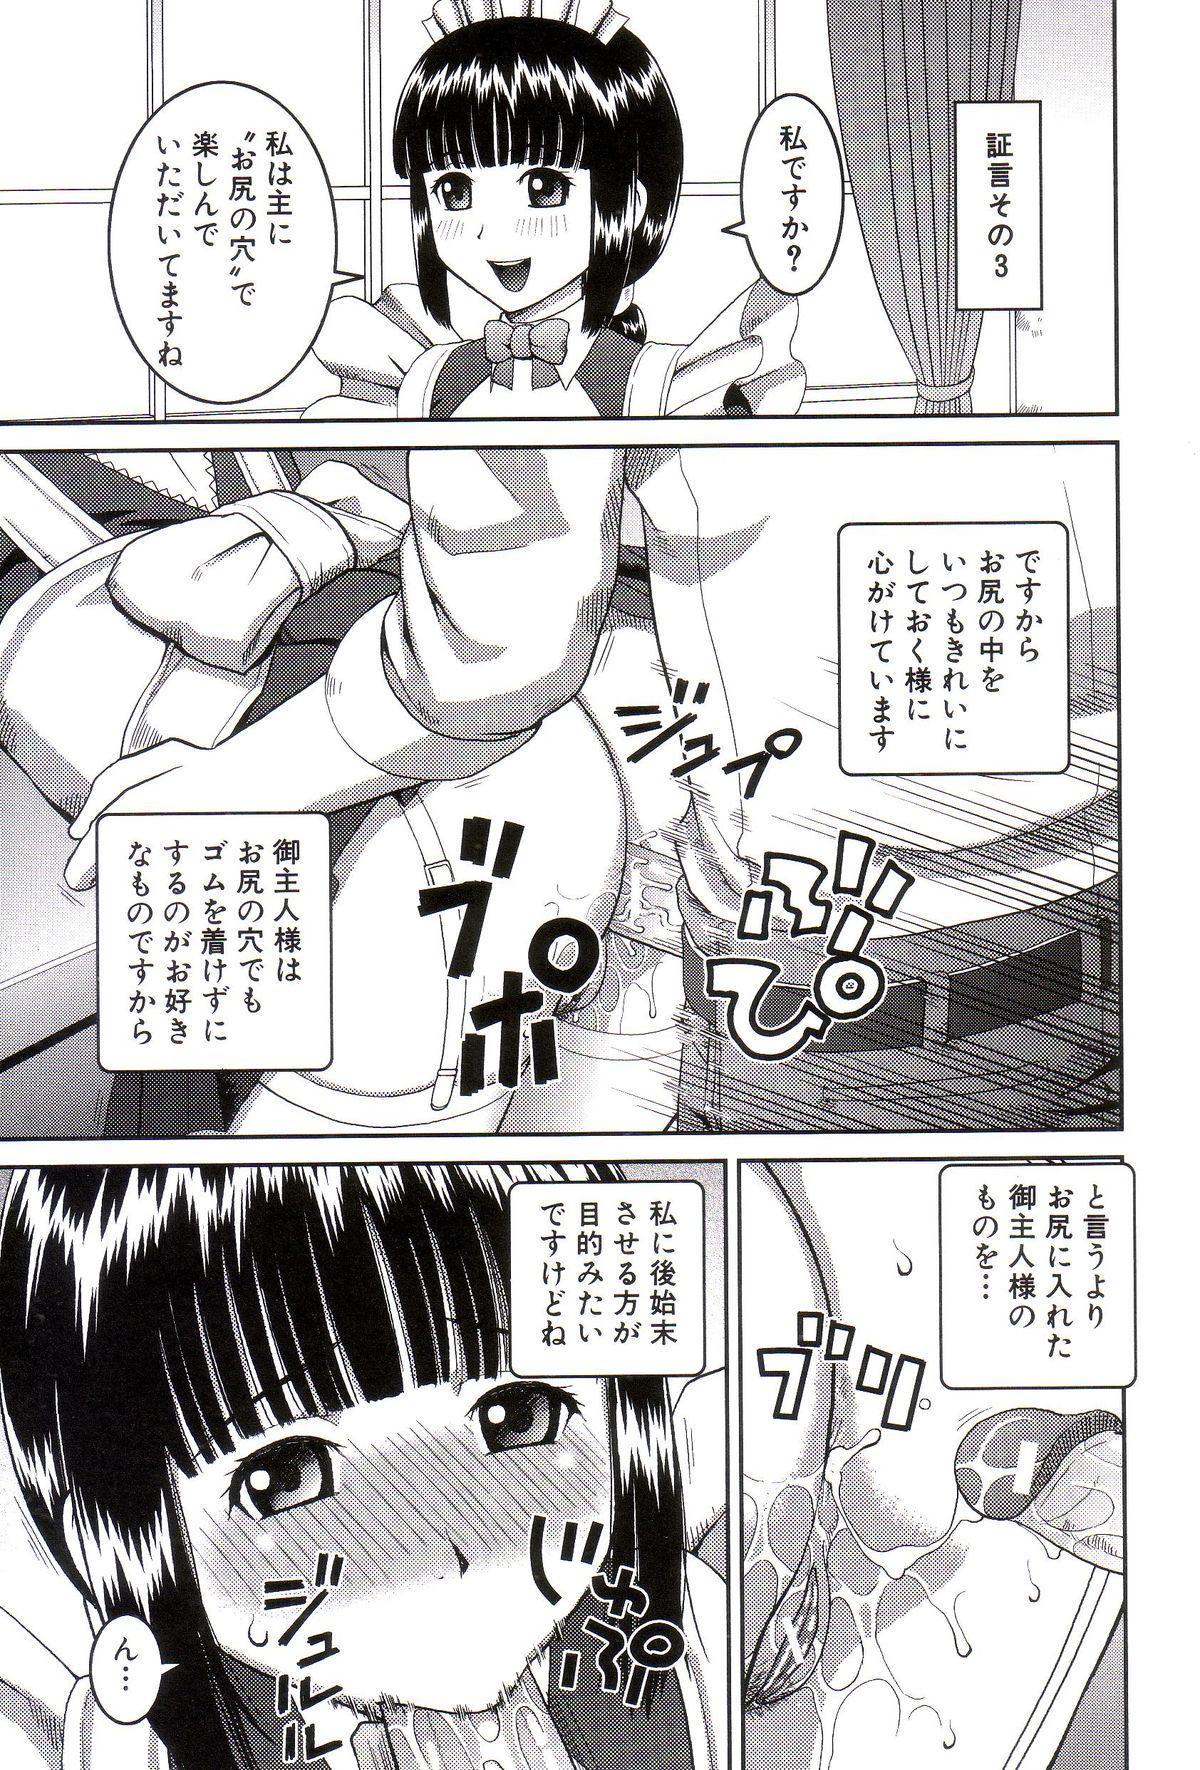 Roshutsukyou Hentai Hakusho 197